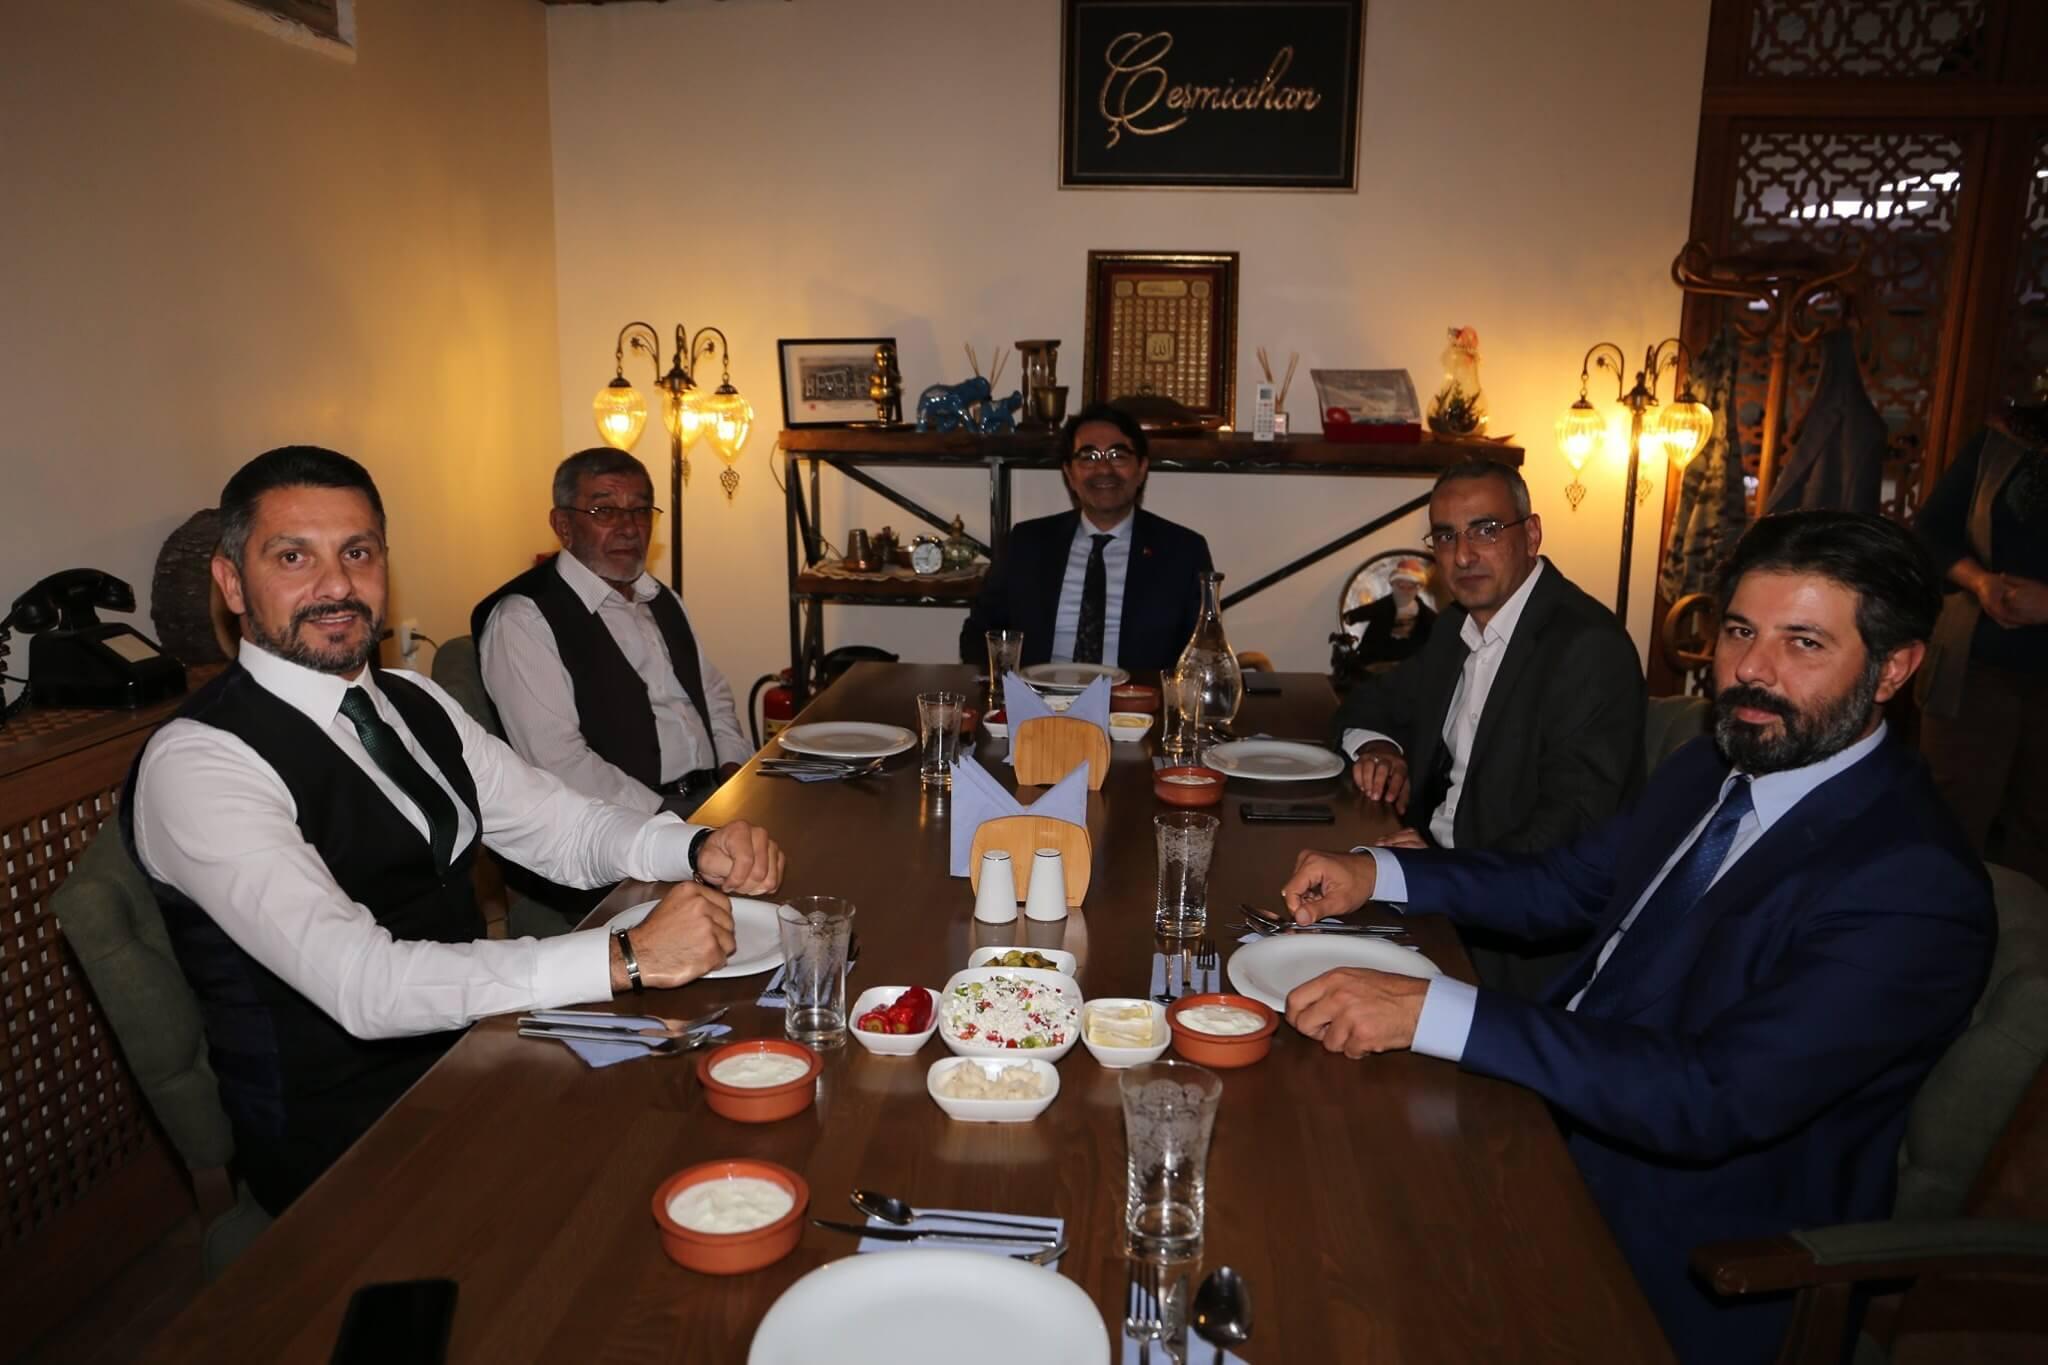 Cumhurbaşkanlığı İnsan Kaynakları Ofis Başkanı Sayın Doç. Dr. Salim ATAY'ı İlçemizde Ağırladık. Sayın Atay ile Çeşitli Ziyaretler Gerçekleştirdik.